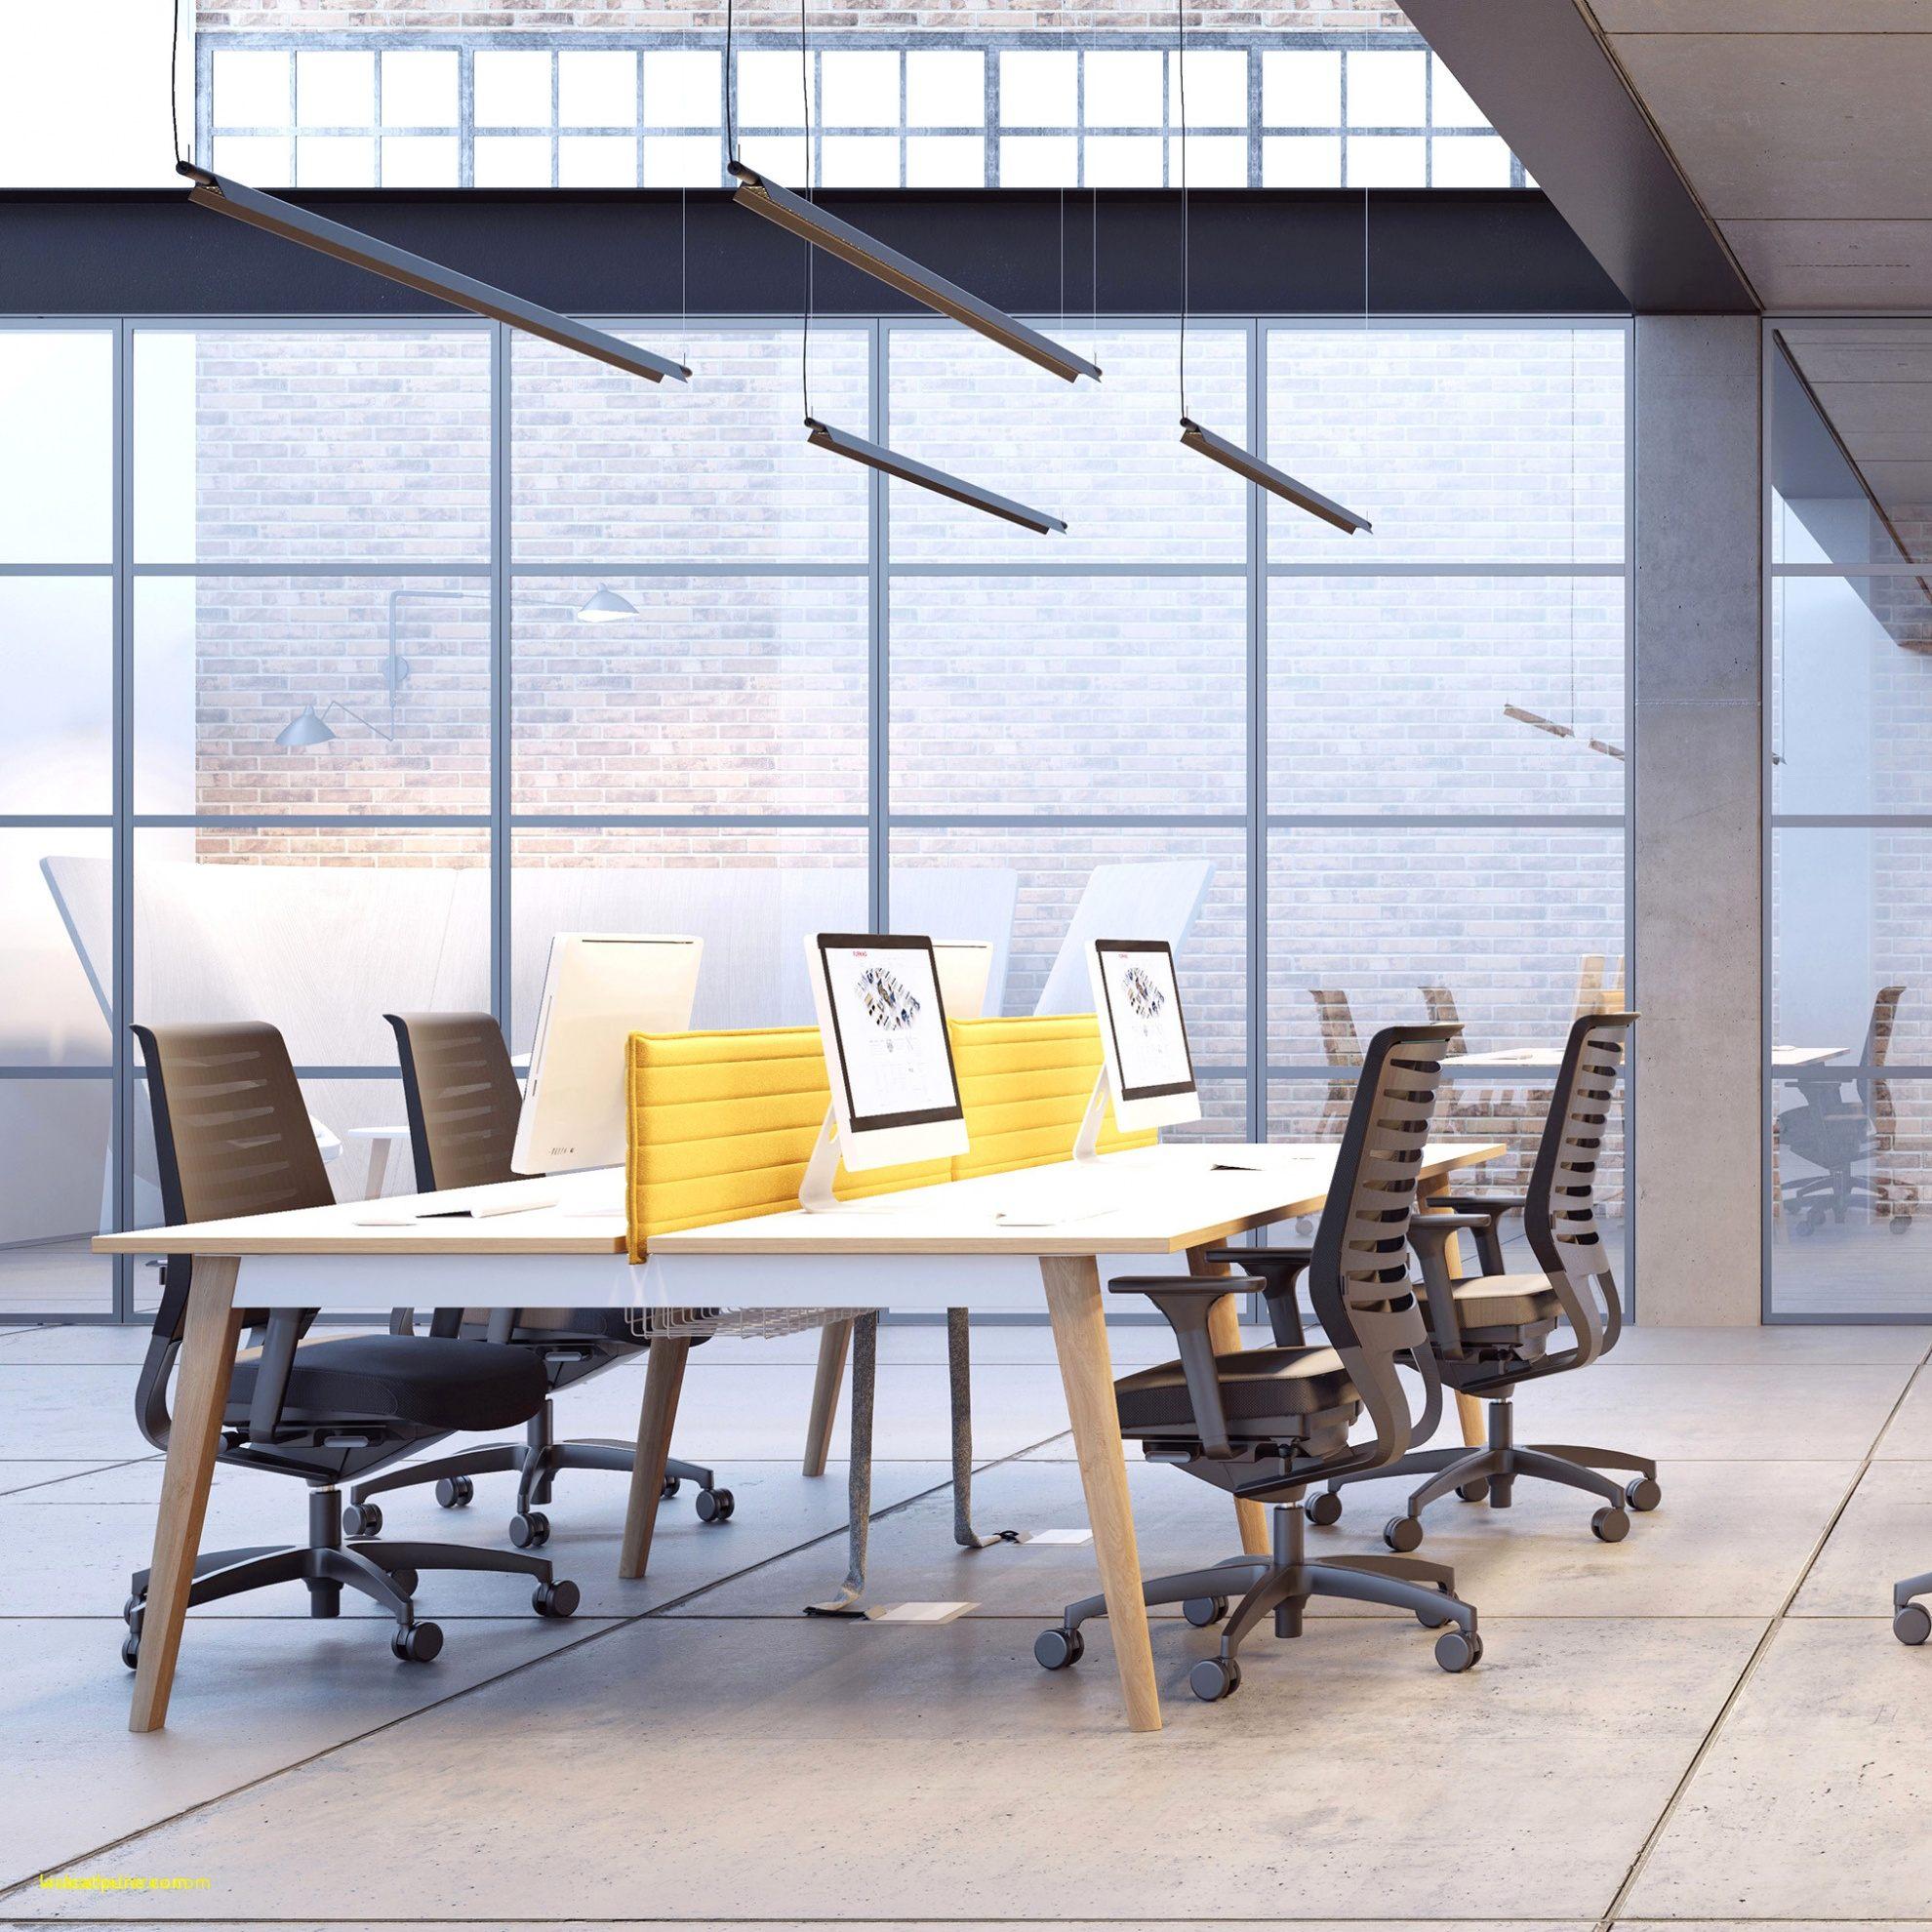 Tete De Lit Avec Chevet Intégré Ikea Impressionnant sove Coiffeuse Fer forgé — sovedis Aquatabs